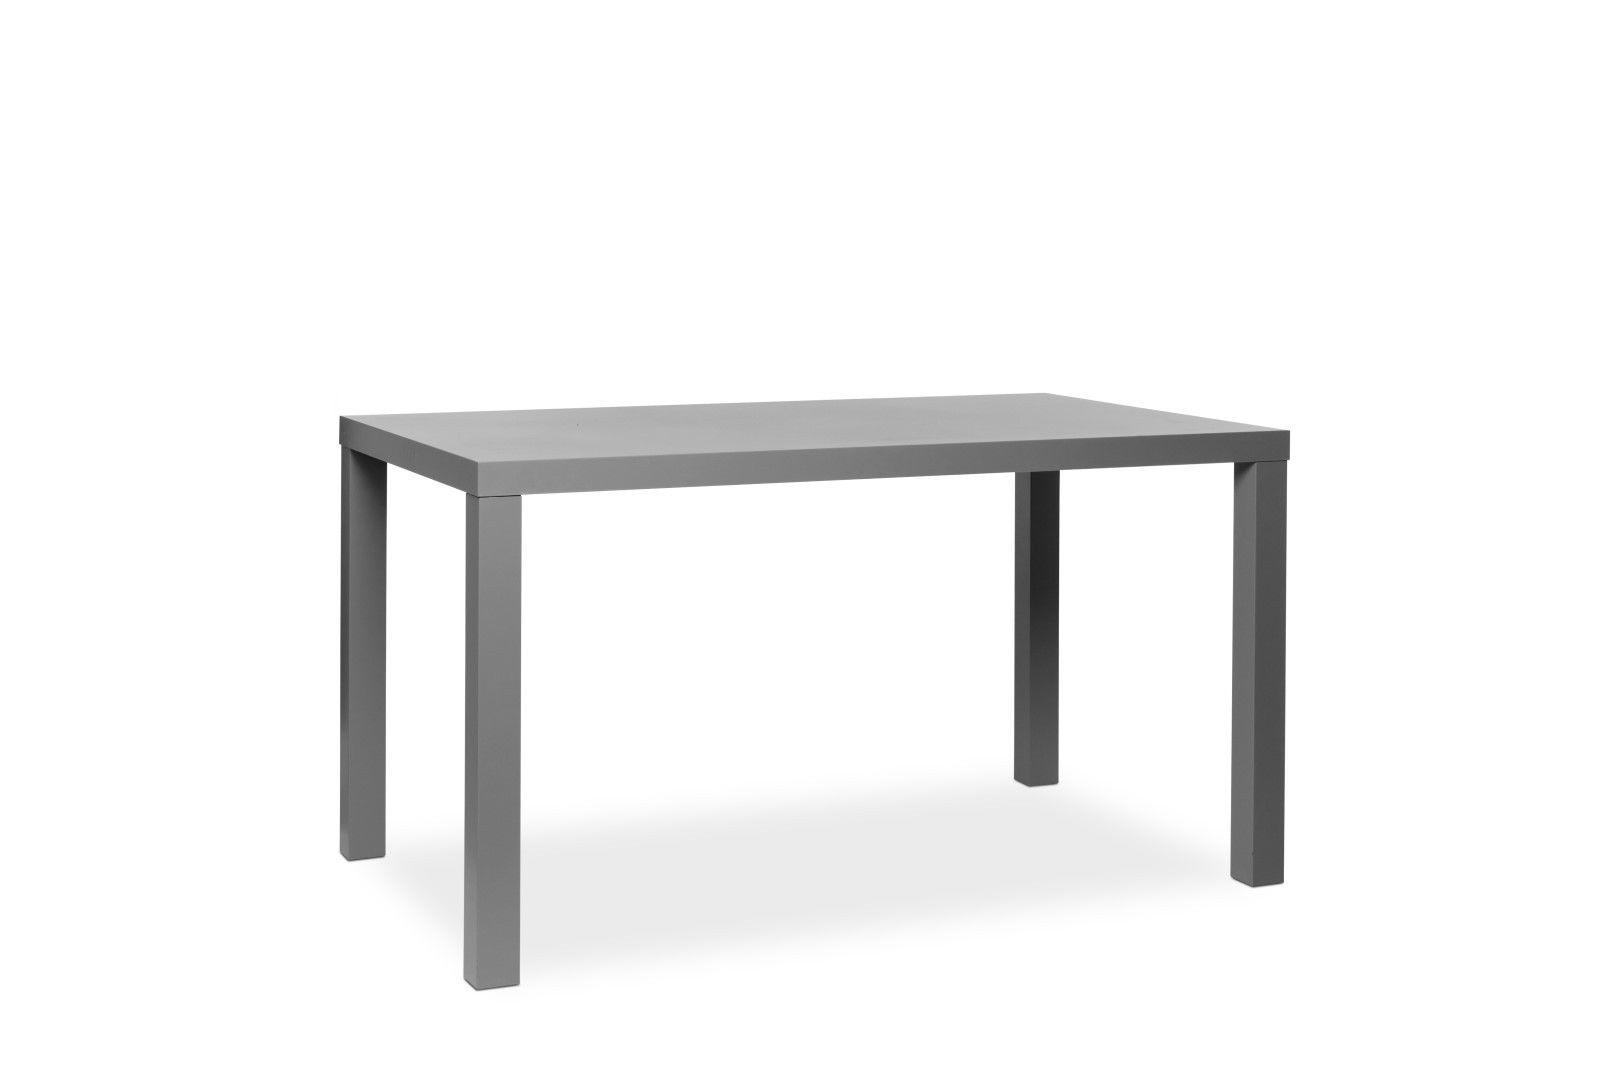 Tisch schreibtisch b rotisch prime dekor hochglanz grau for Tisch schreibtisch